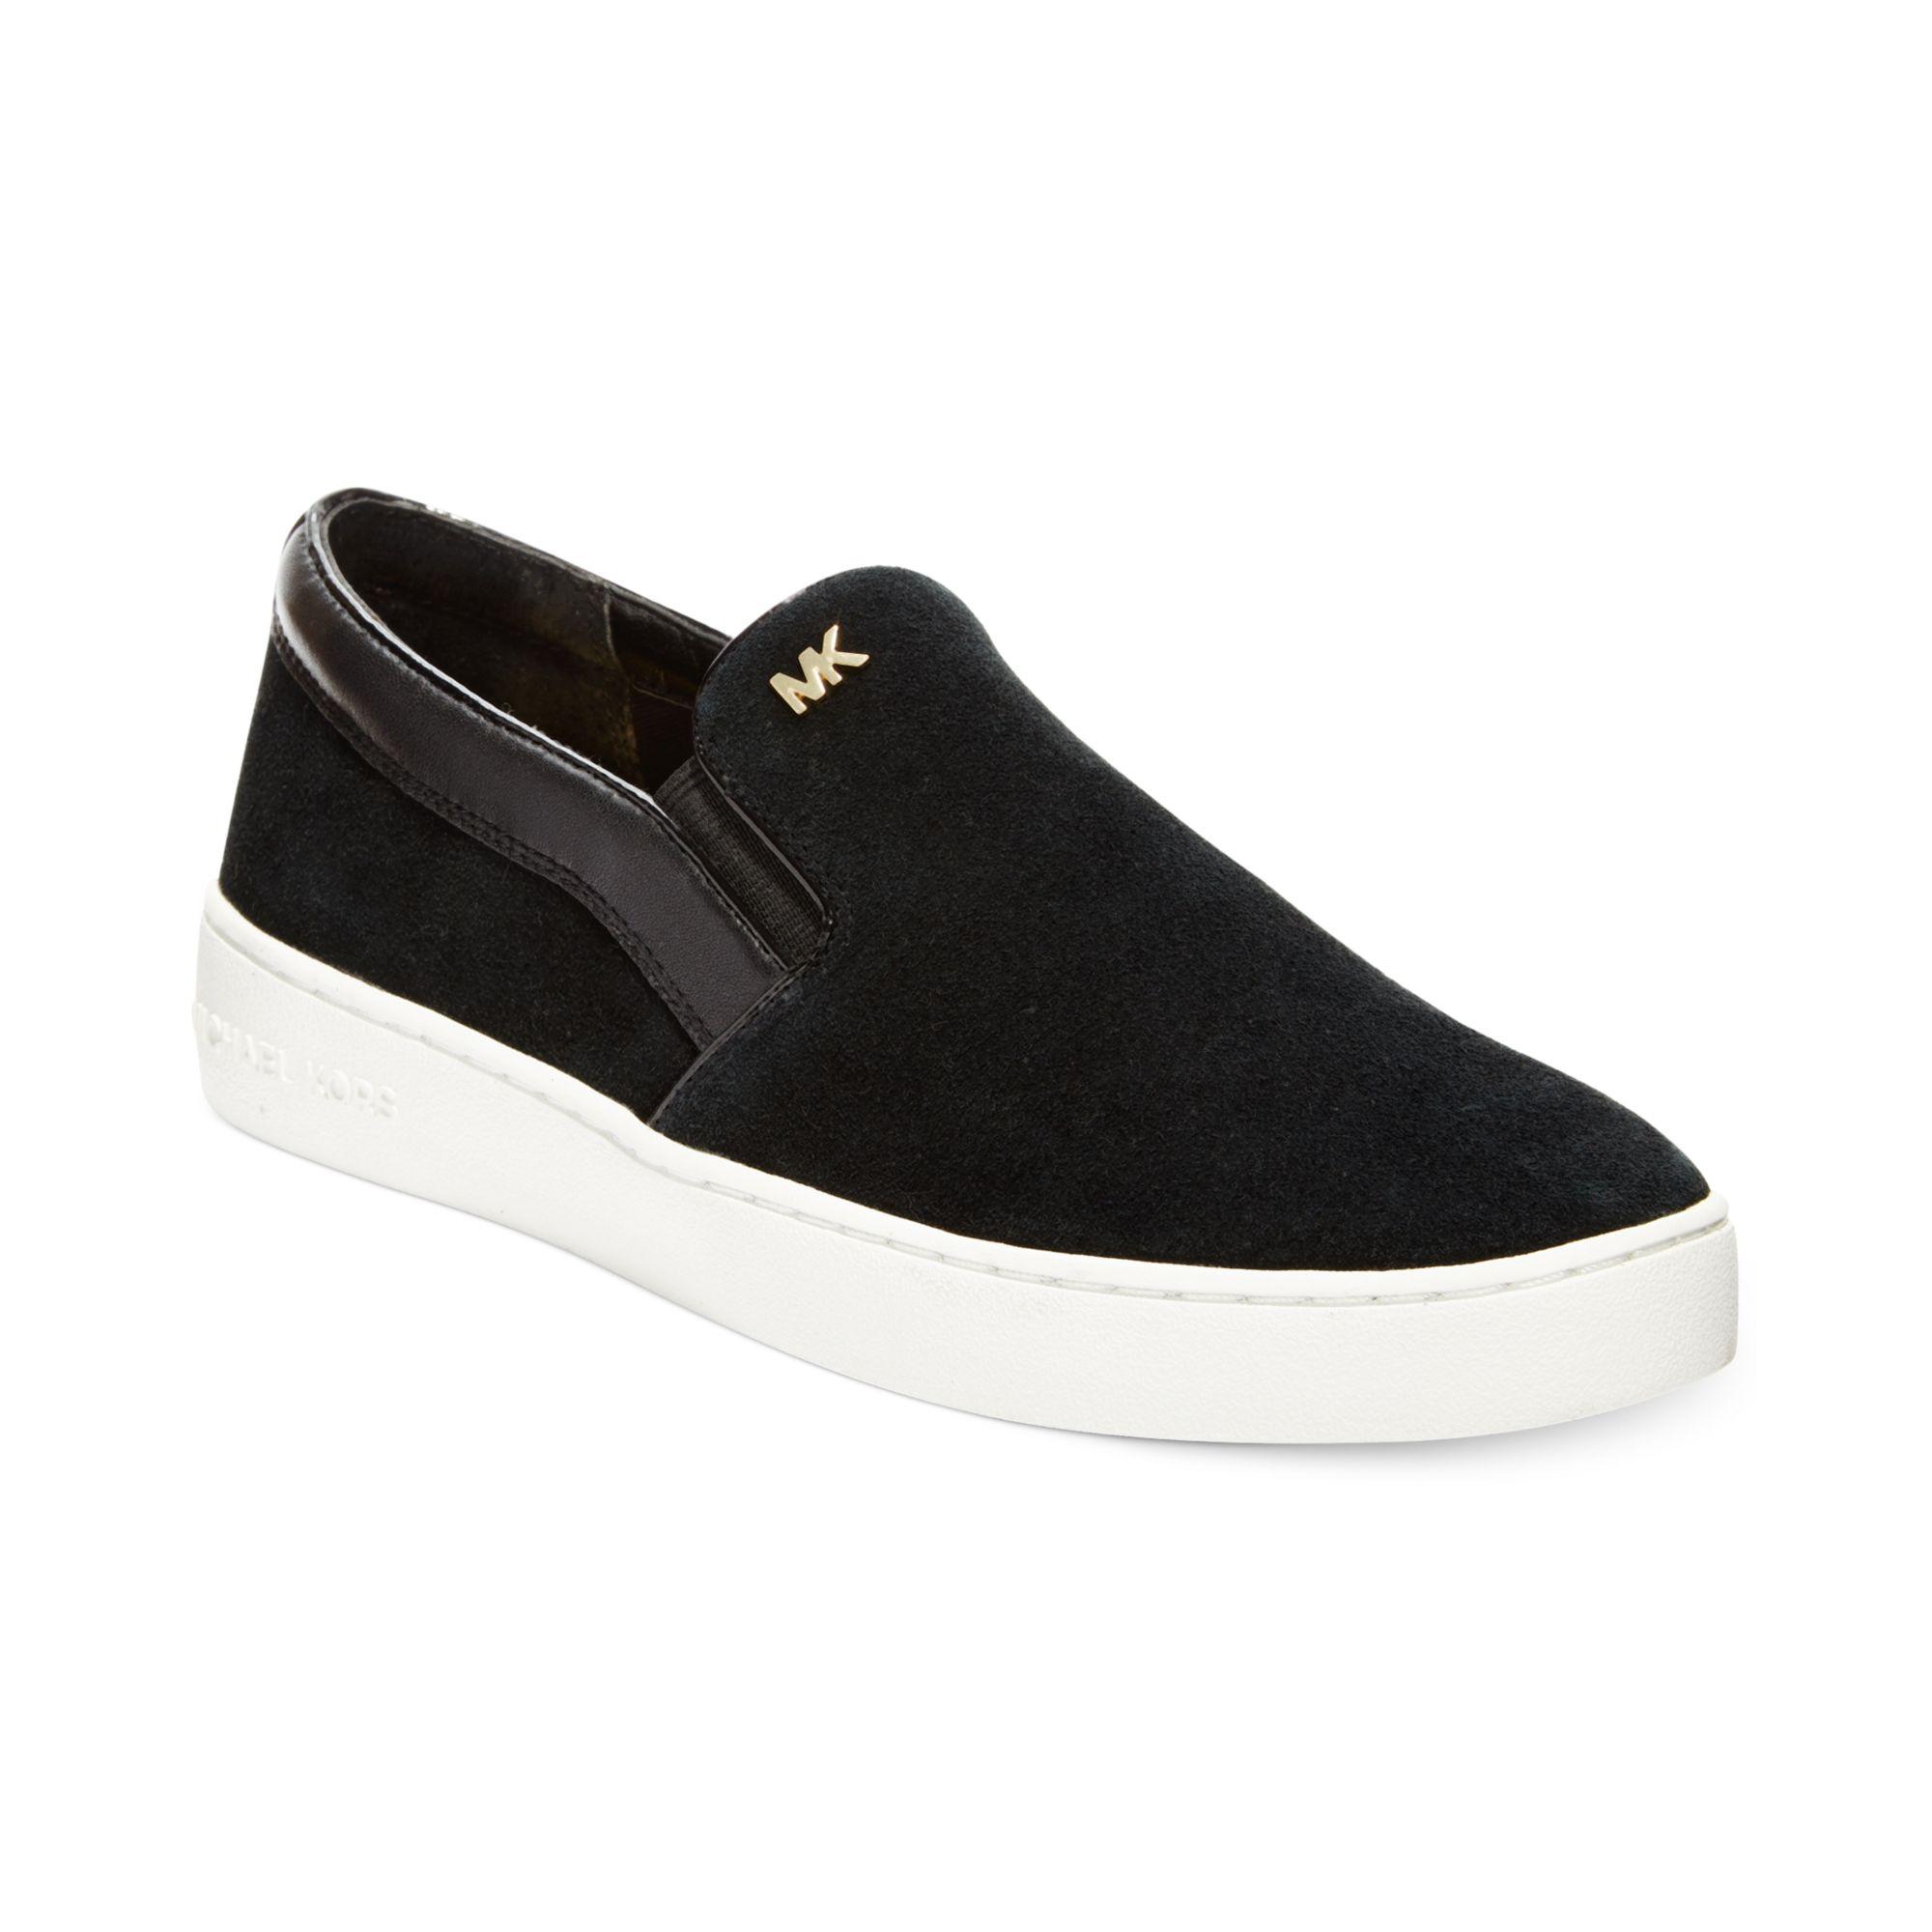 Michael Kors Michael Keaton Slip On Sneakers In Black